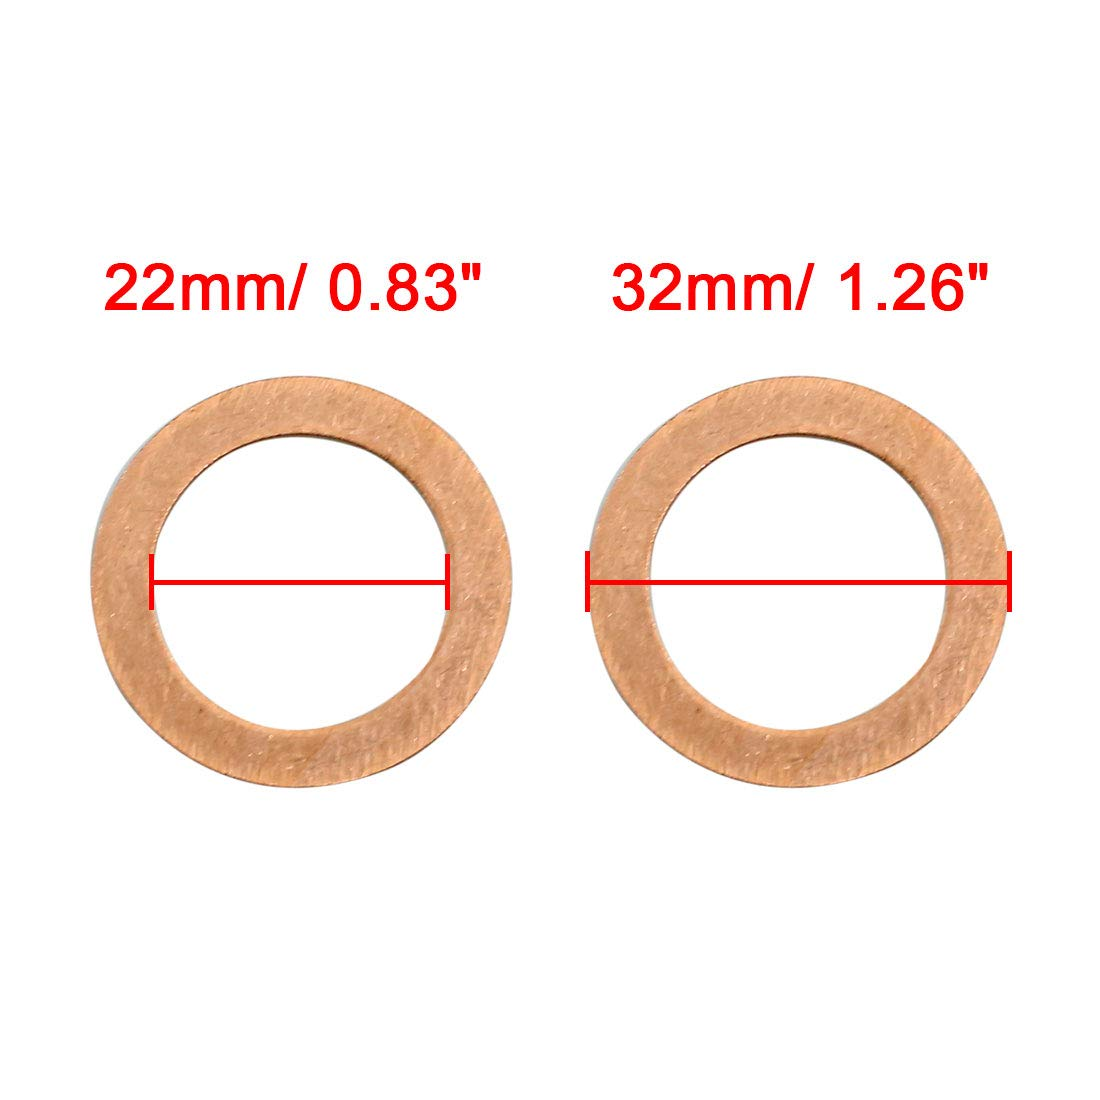 sourcing map 20 St/ück Kupferscheiben Unterlegscheiben Ring f/ür Auto 22mm Innendurchmesser